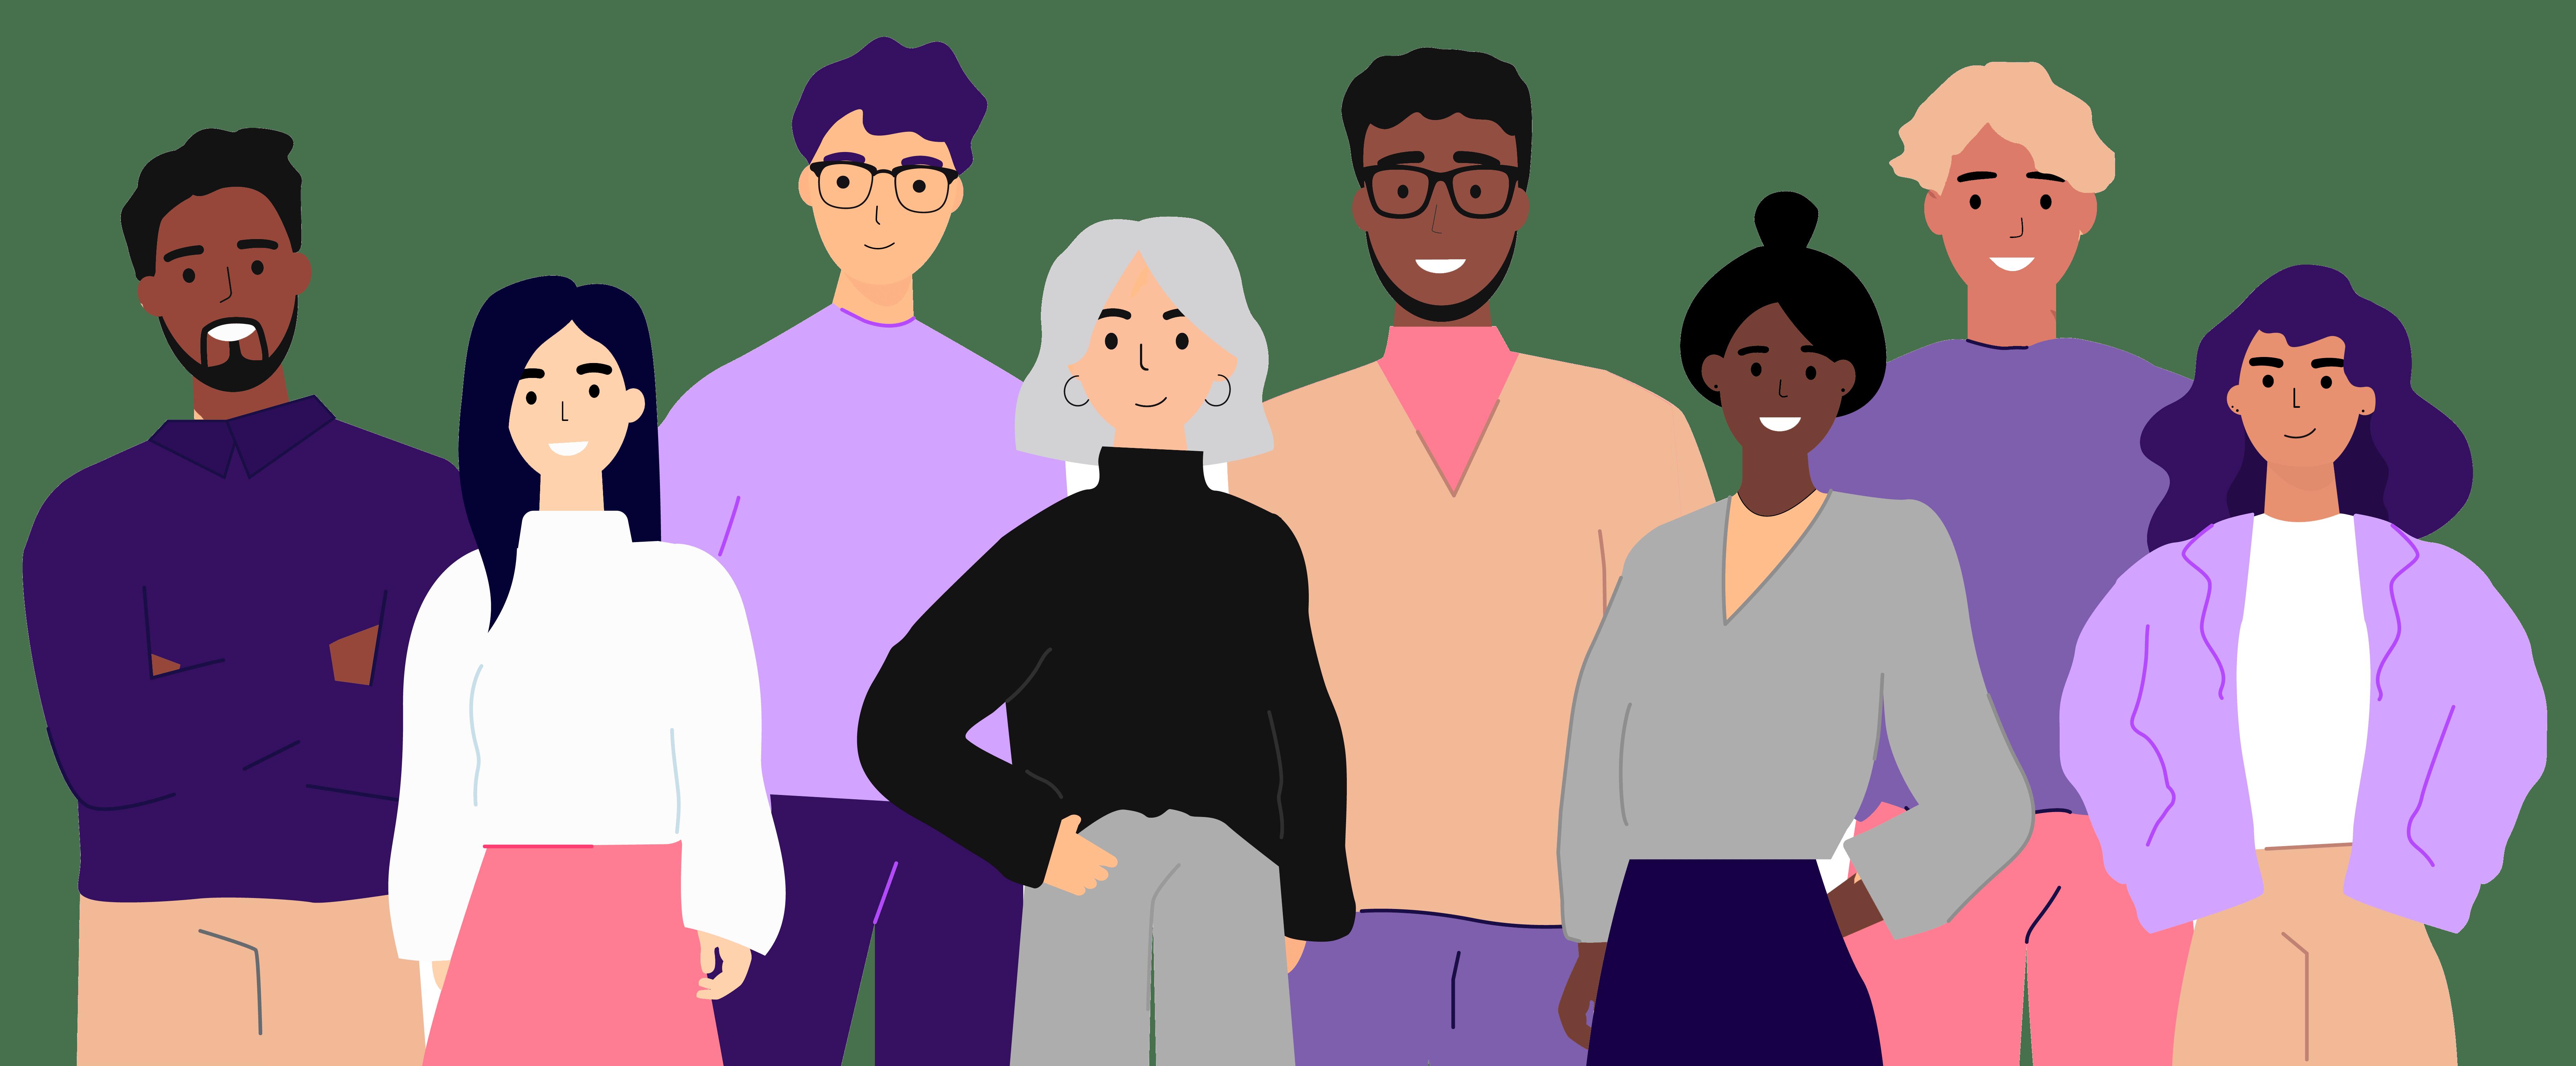 Pessoas diversas representando funcionários